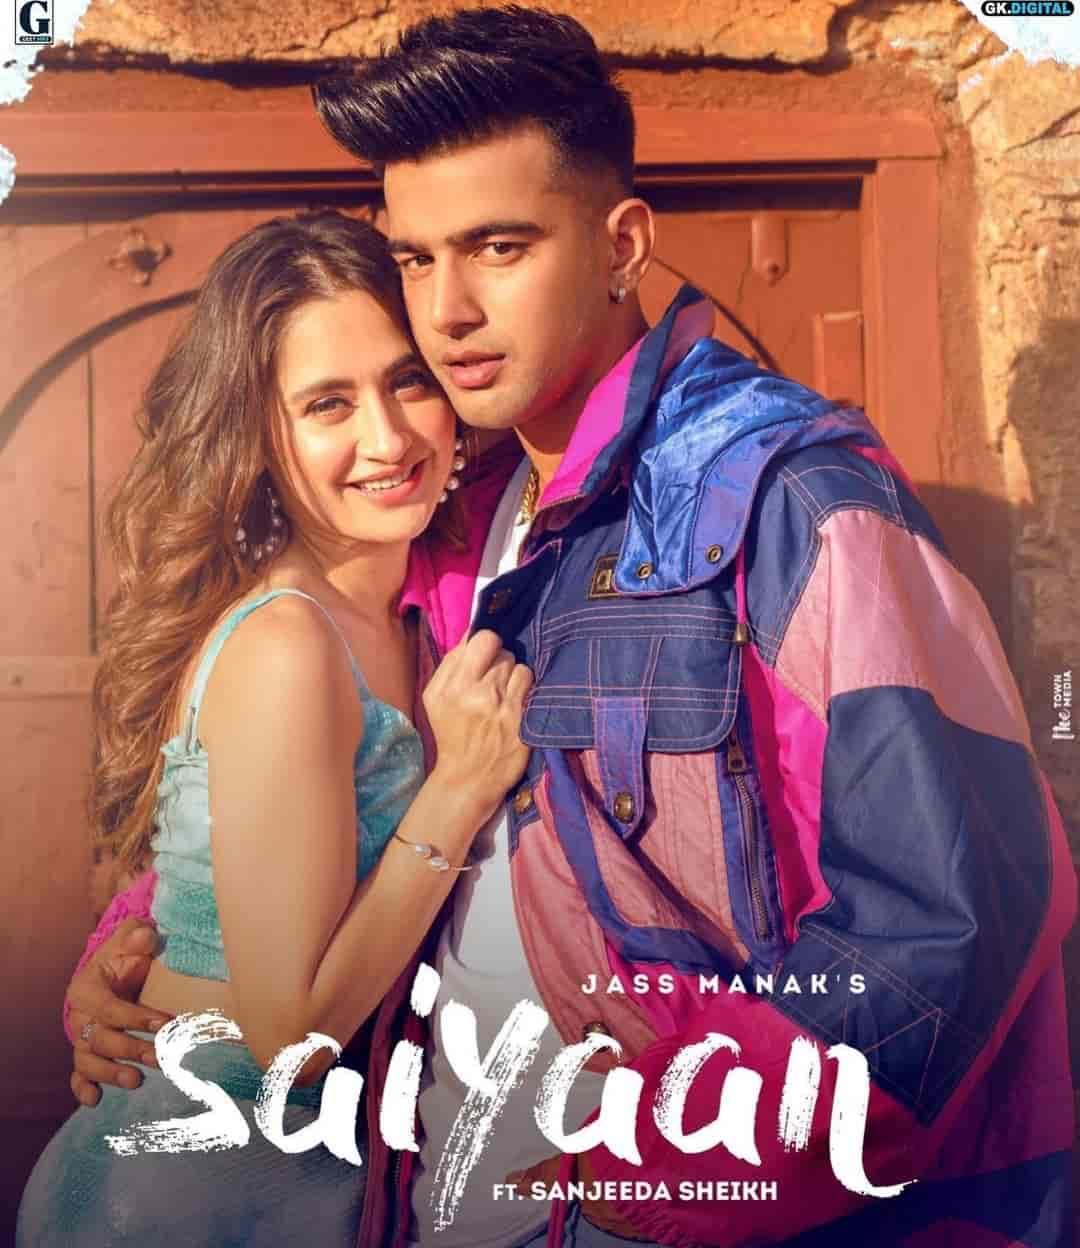 Mera Saiyaan Pyar Ni Karda Punjabi Song Lyrics Jass Manak